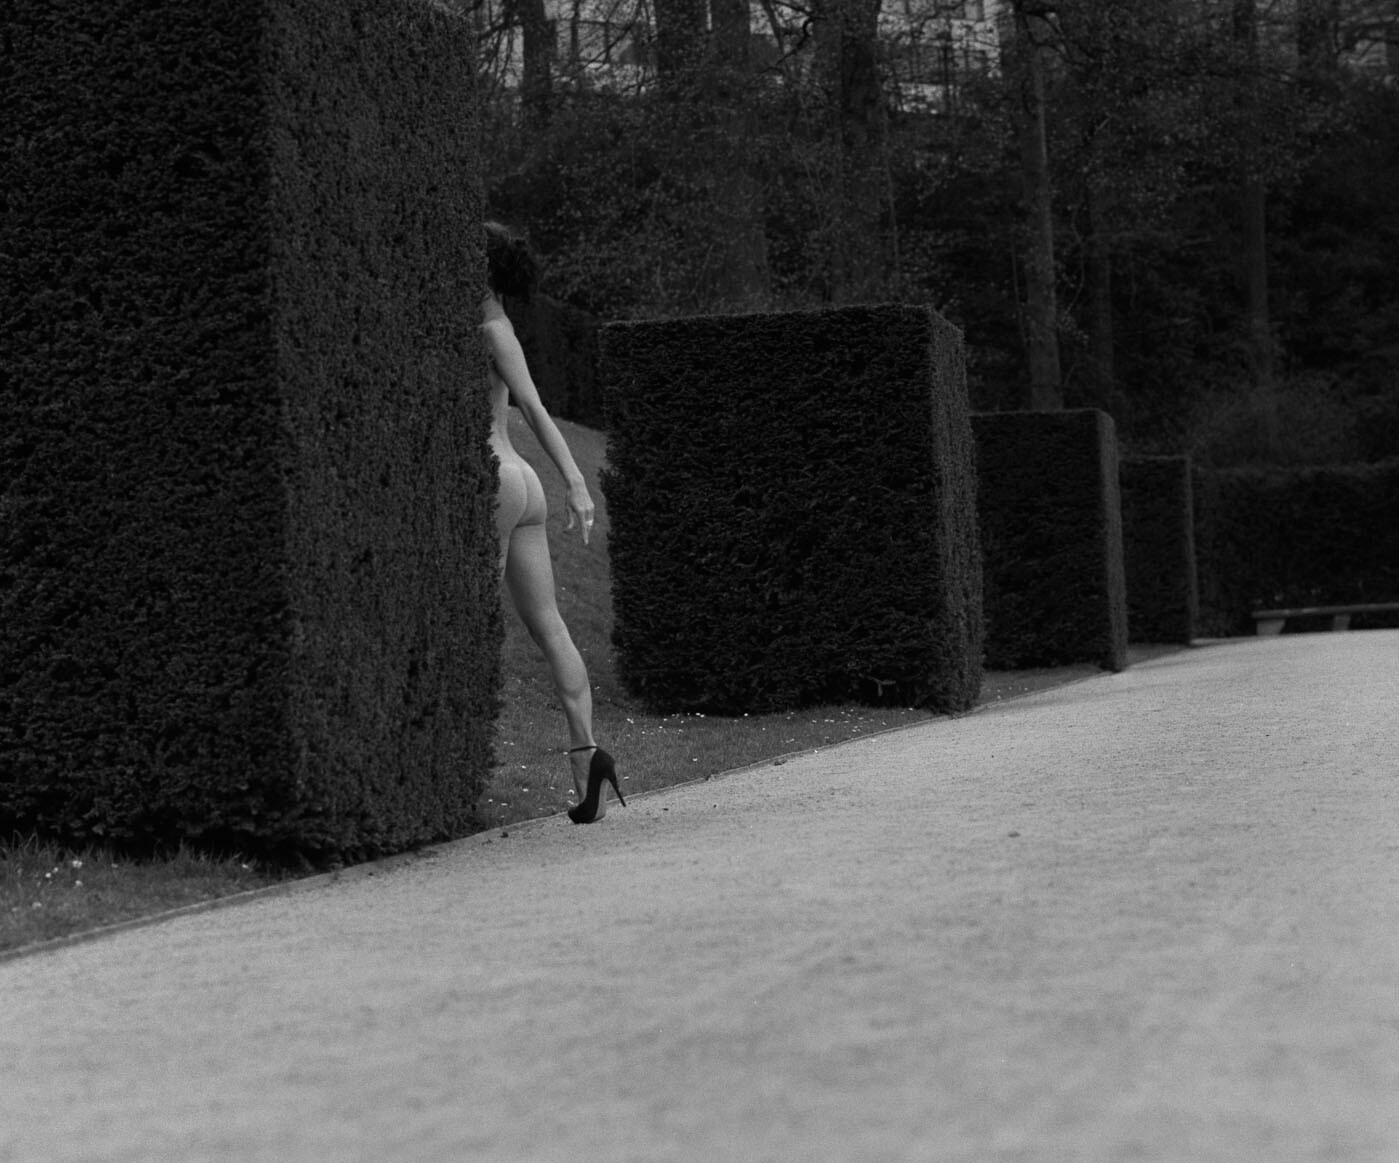 Абстрактный куб. Из фотокниги «Женщины» («Kobiety»). Фотограф Радослав Пуян